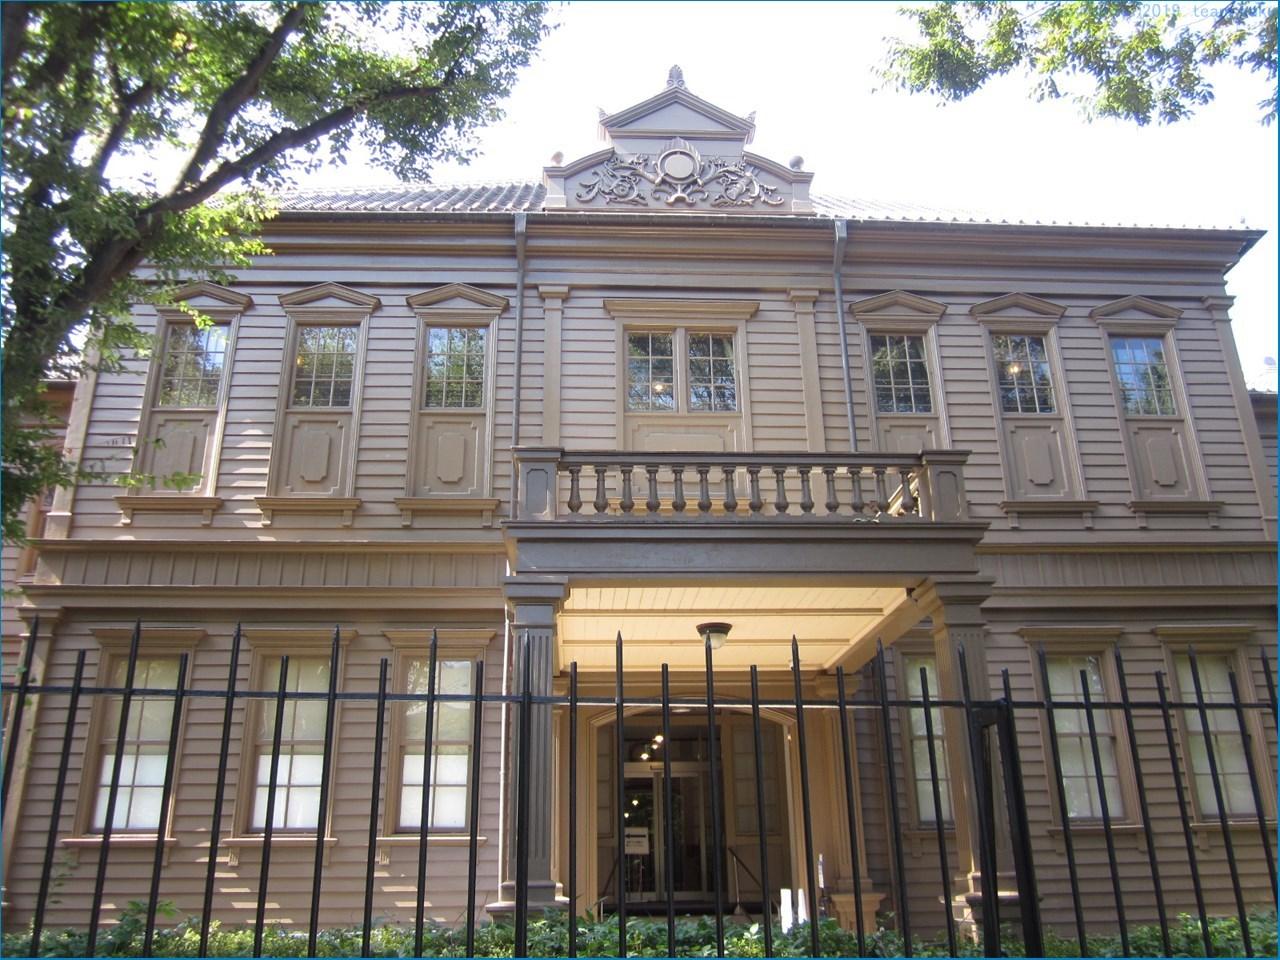 上野公園の近代建築 見学_c0376508_09381023.jpg